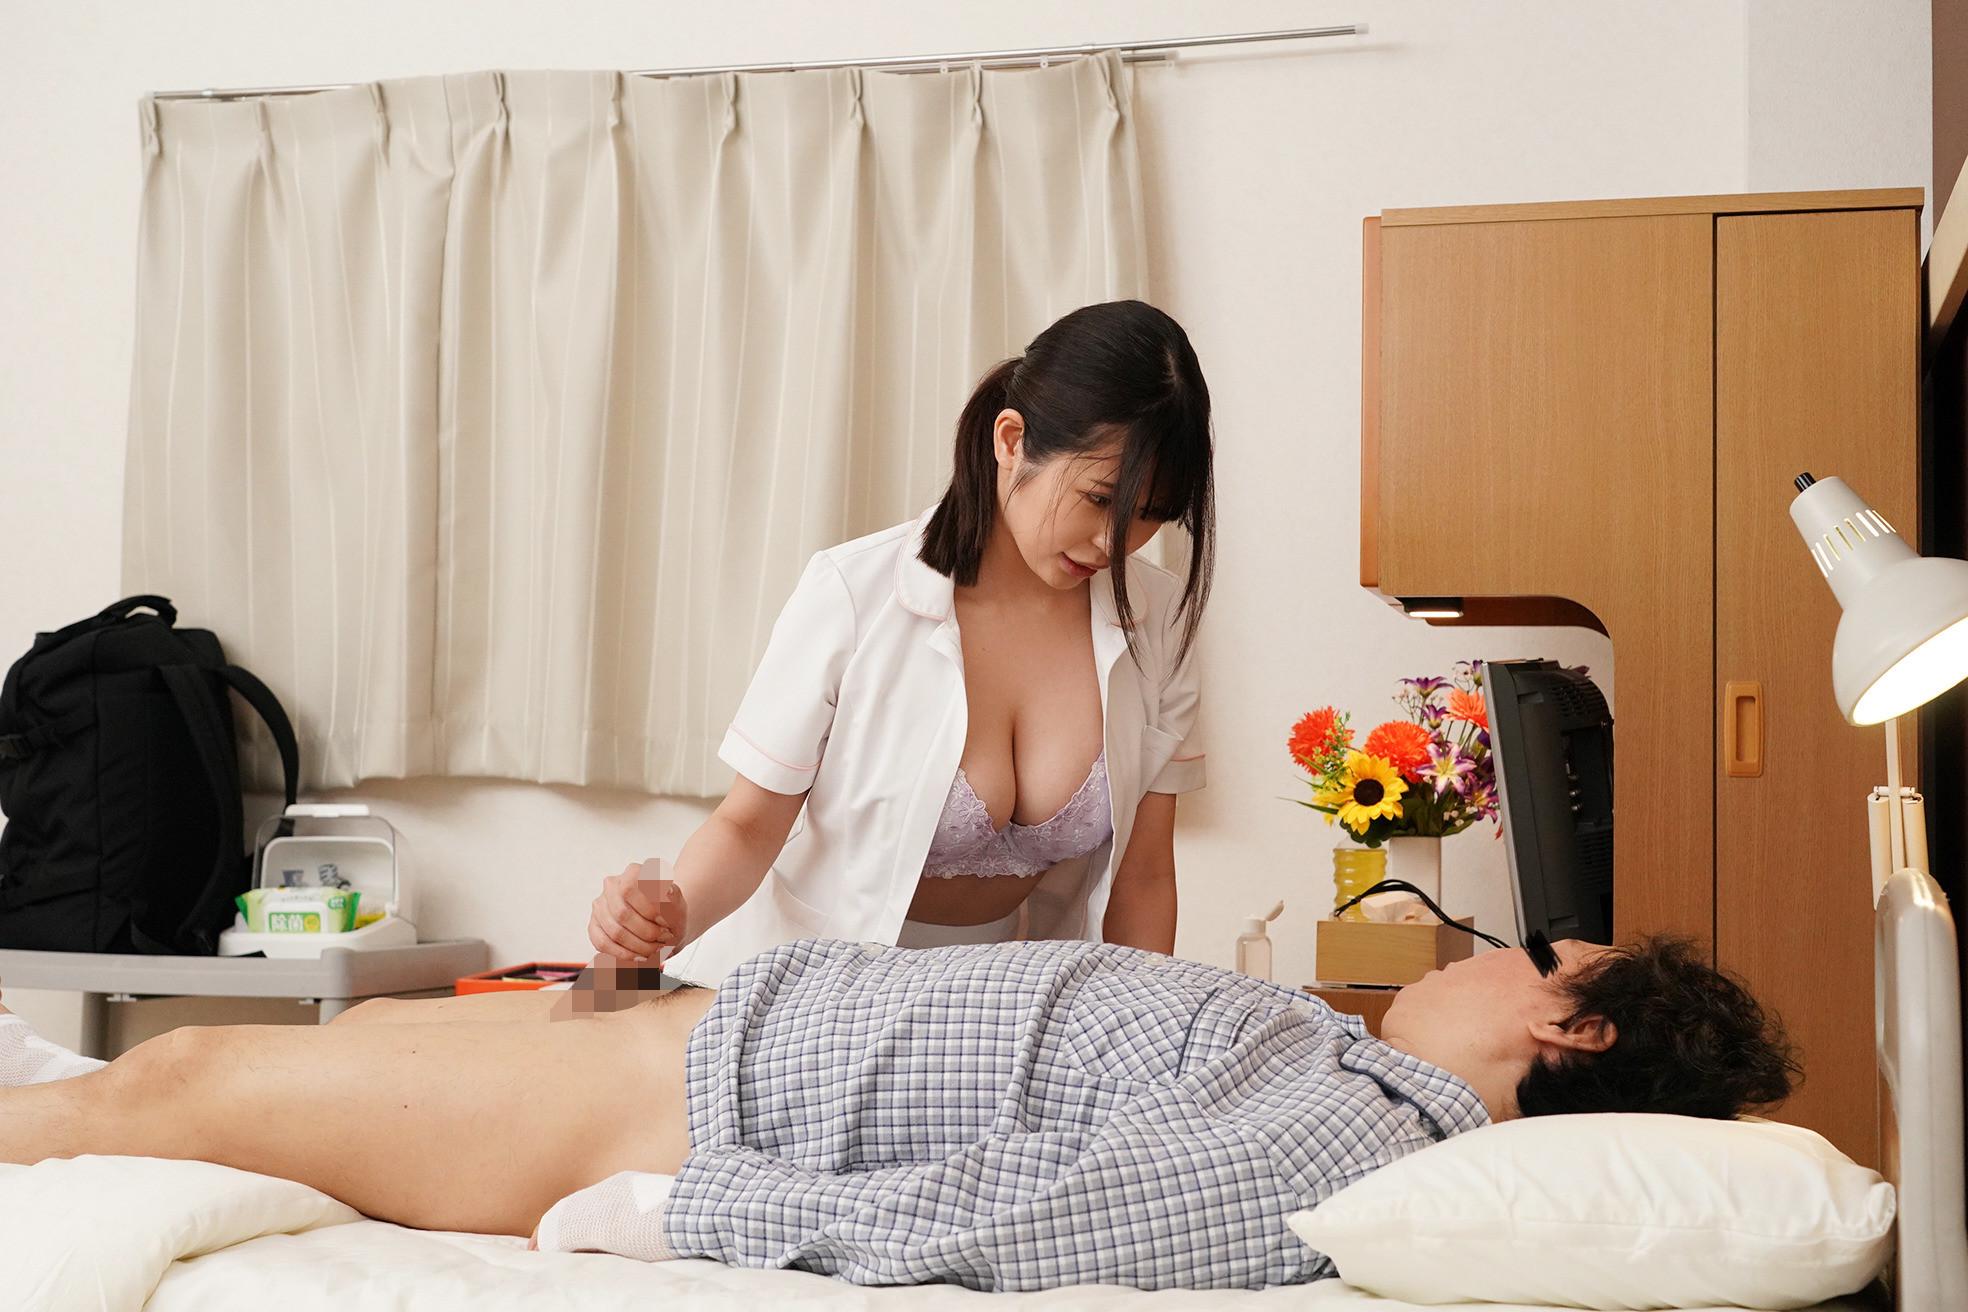 お願いされたら断れない!献身的なパイズリ狭射で性処理してくれるIカップ看護師 有岡さん 画像4